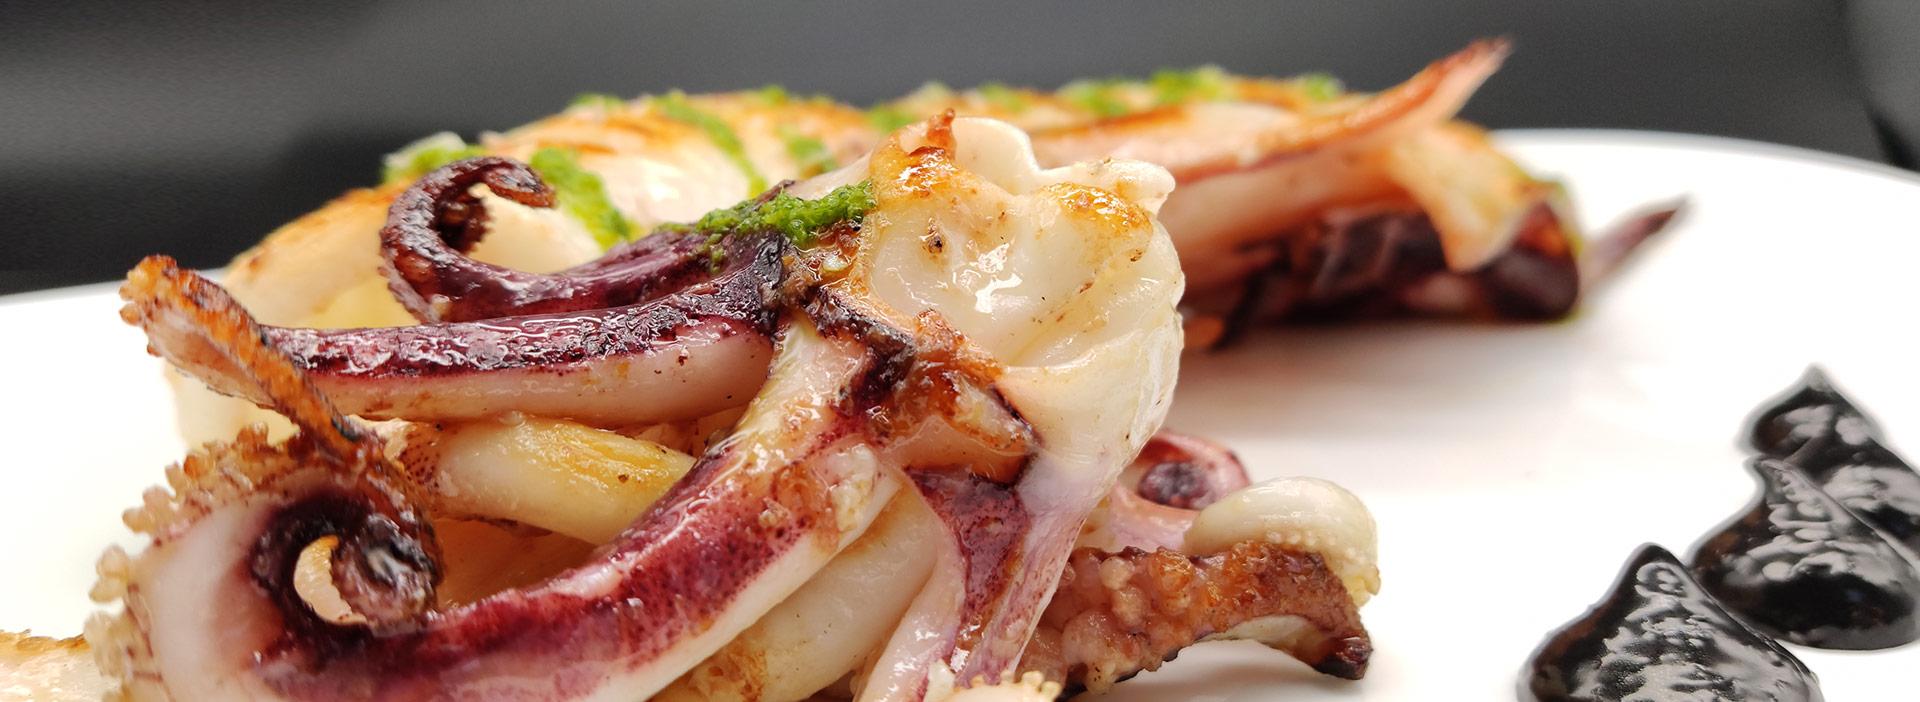 cab-producto-plazacanalla-restaurante-saber-hacer